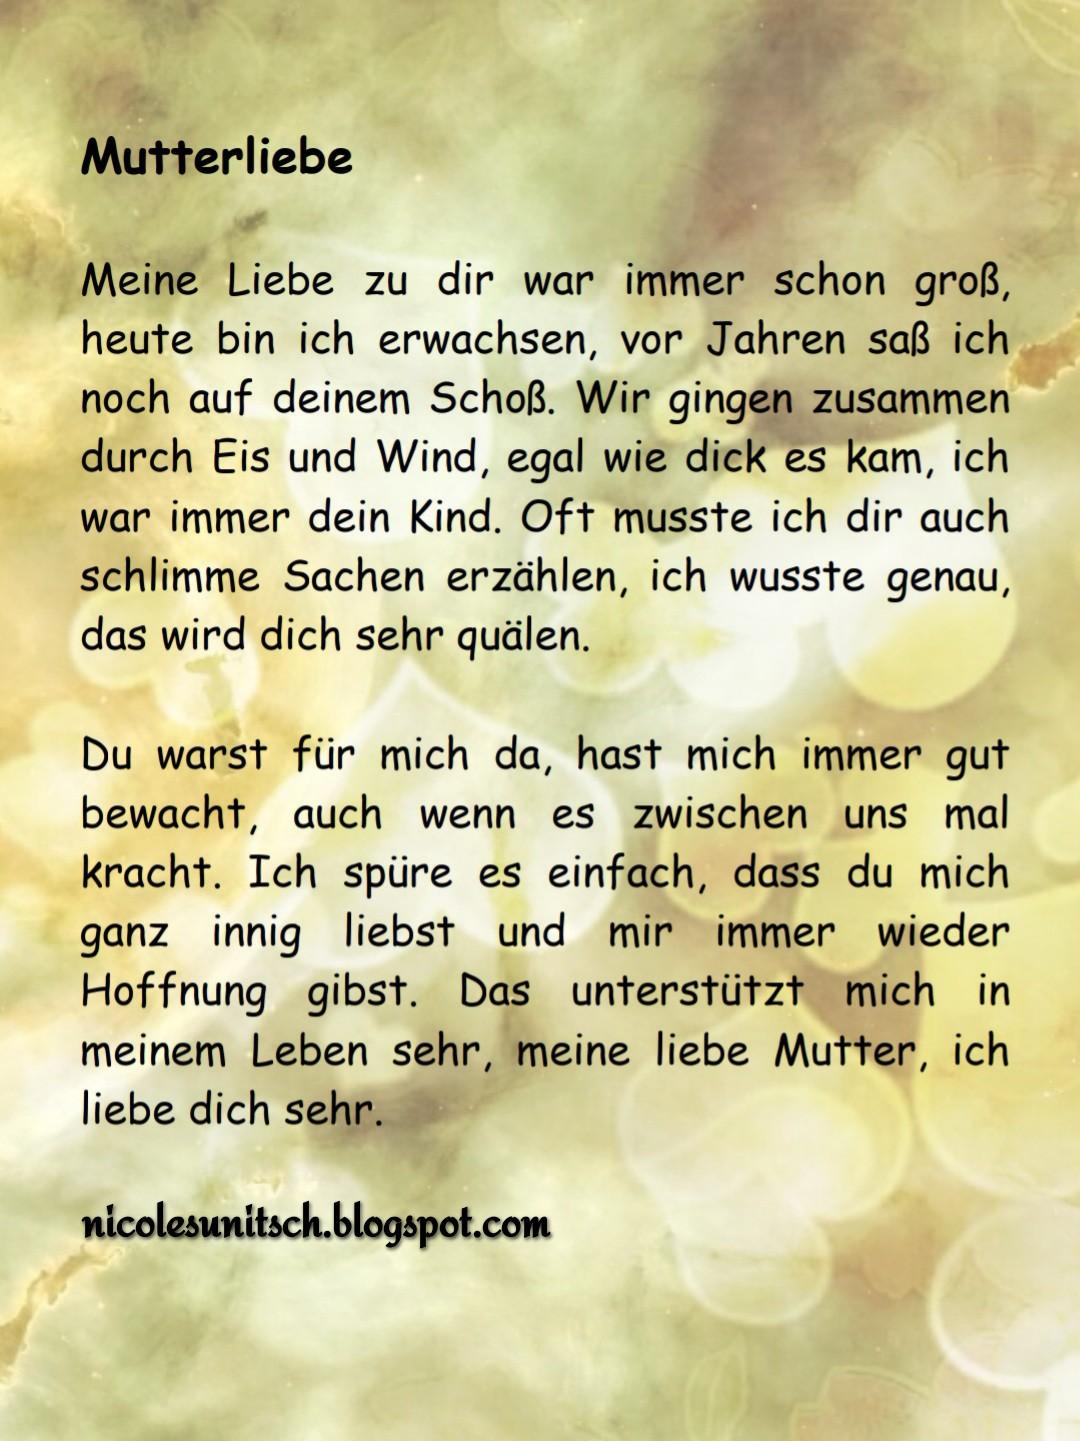 Gedichte Von Nicole Sunitsch Autorin Mutterliebe Gedicht Von